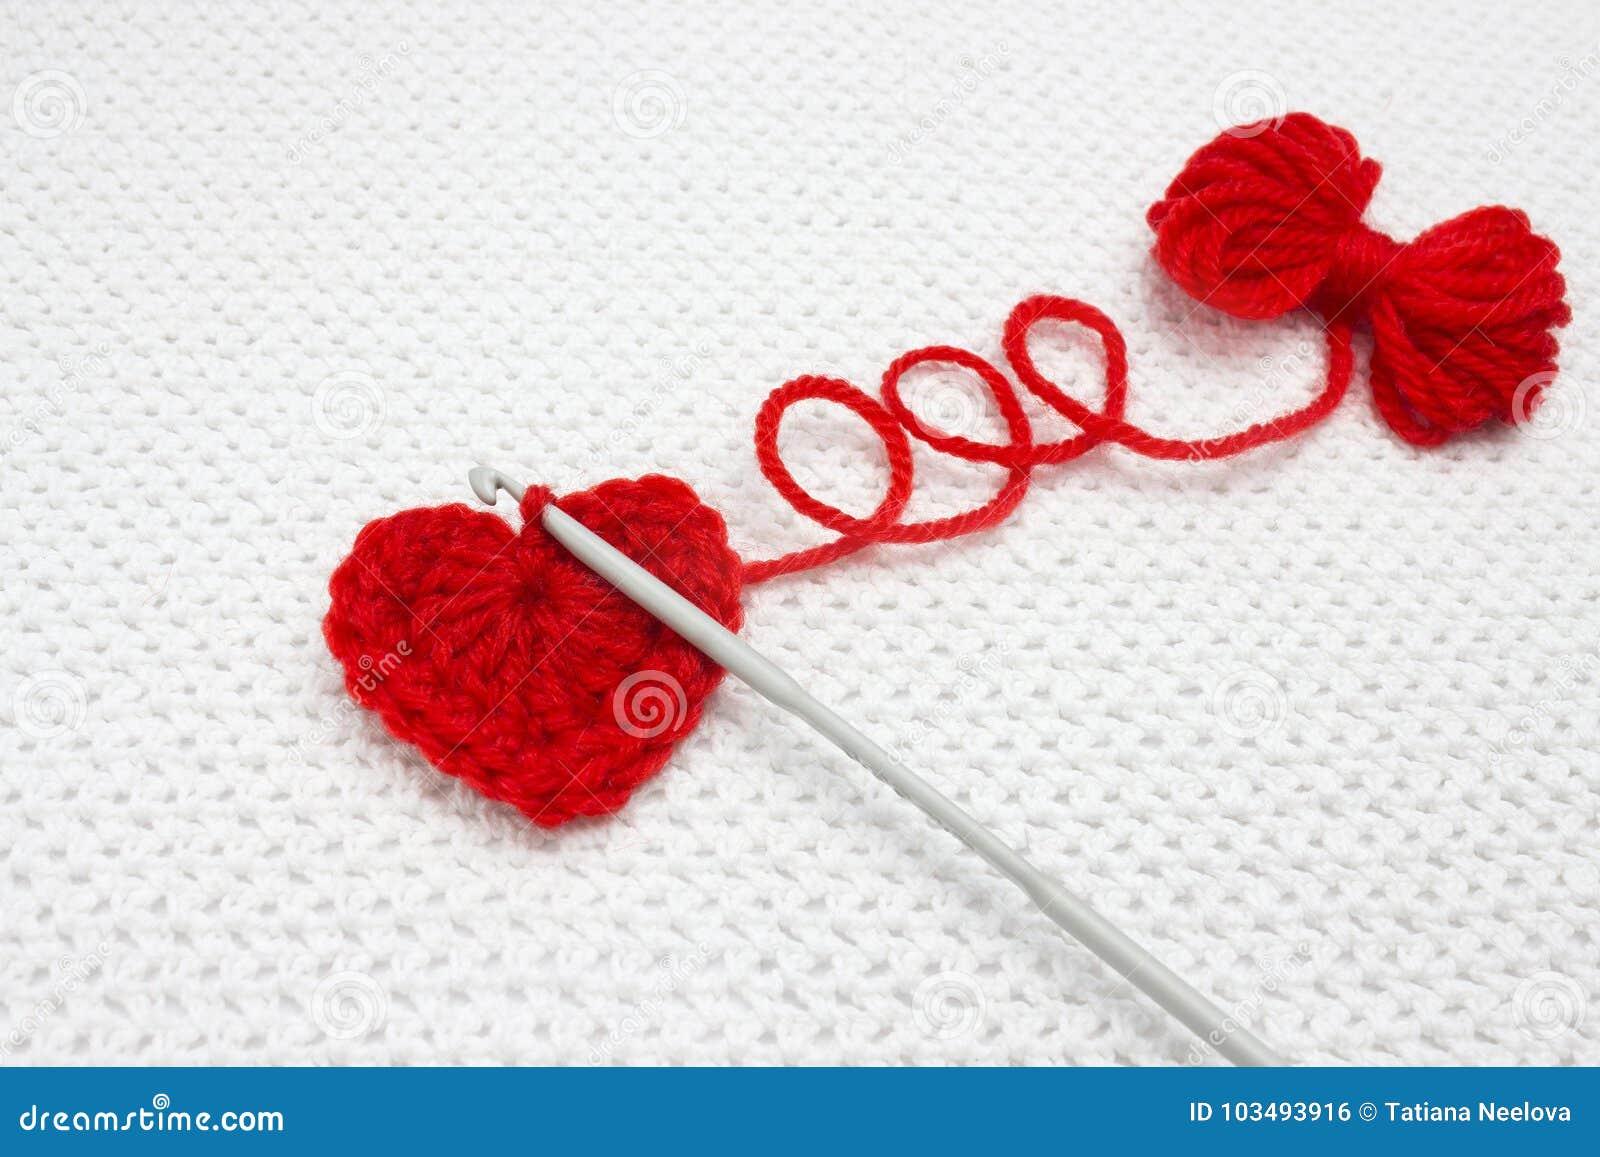 Increíble Patrones De Ganchillo Afgano Gratuitas Corazón Rojo ...